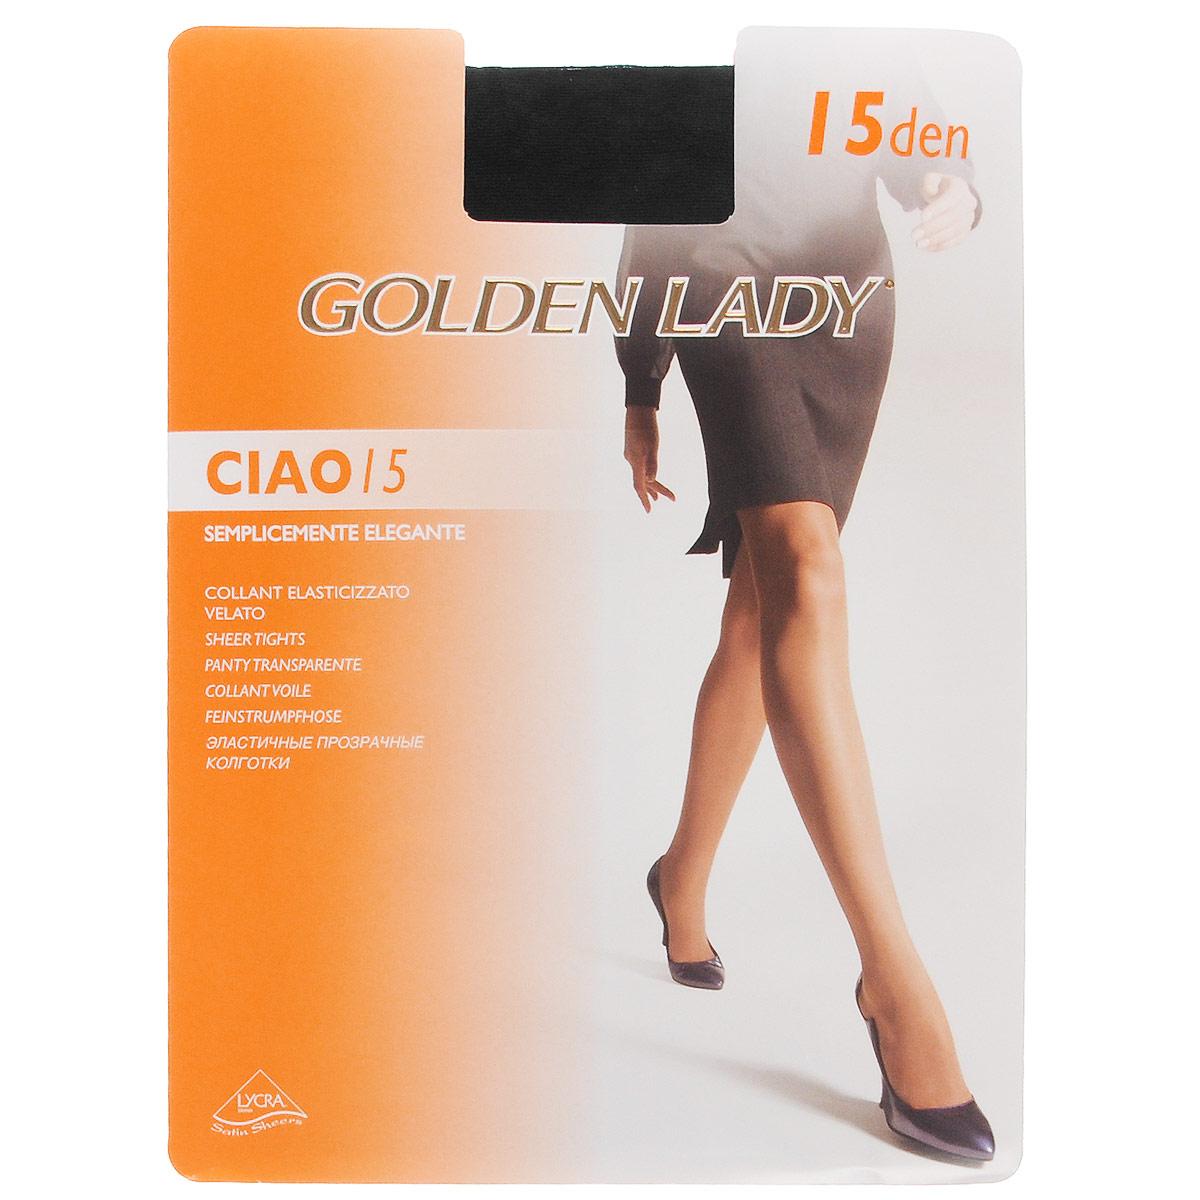 Колготки женские Ciao 15. 36N-UR36N-URТонкие эластичные колготки Golden Lady Ciao с комфортными швами. Плотность: 15 den.